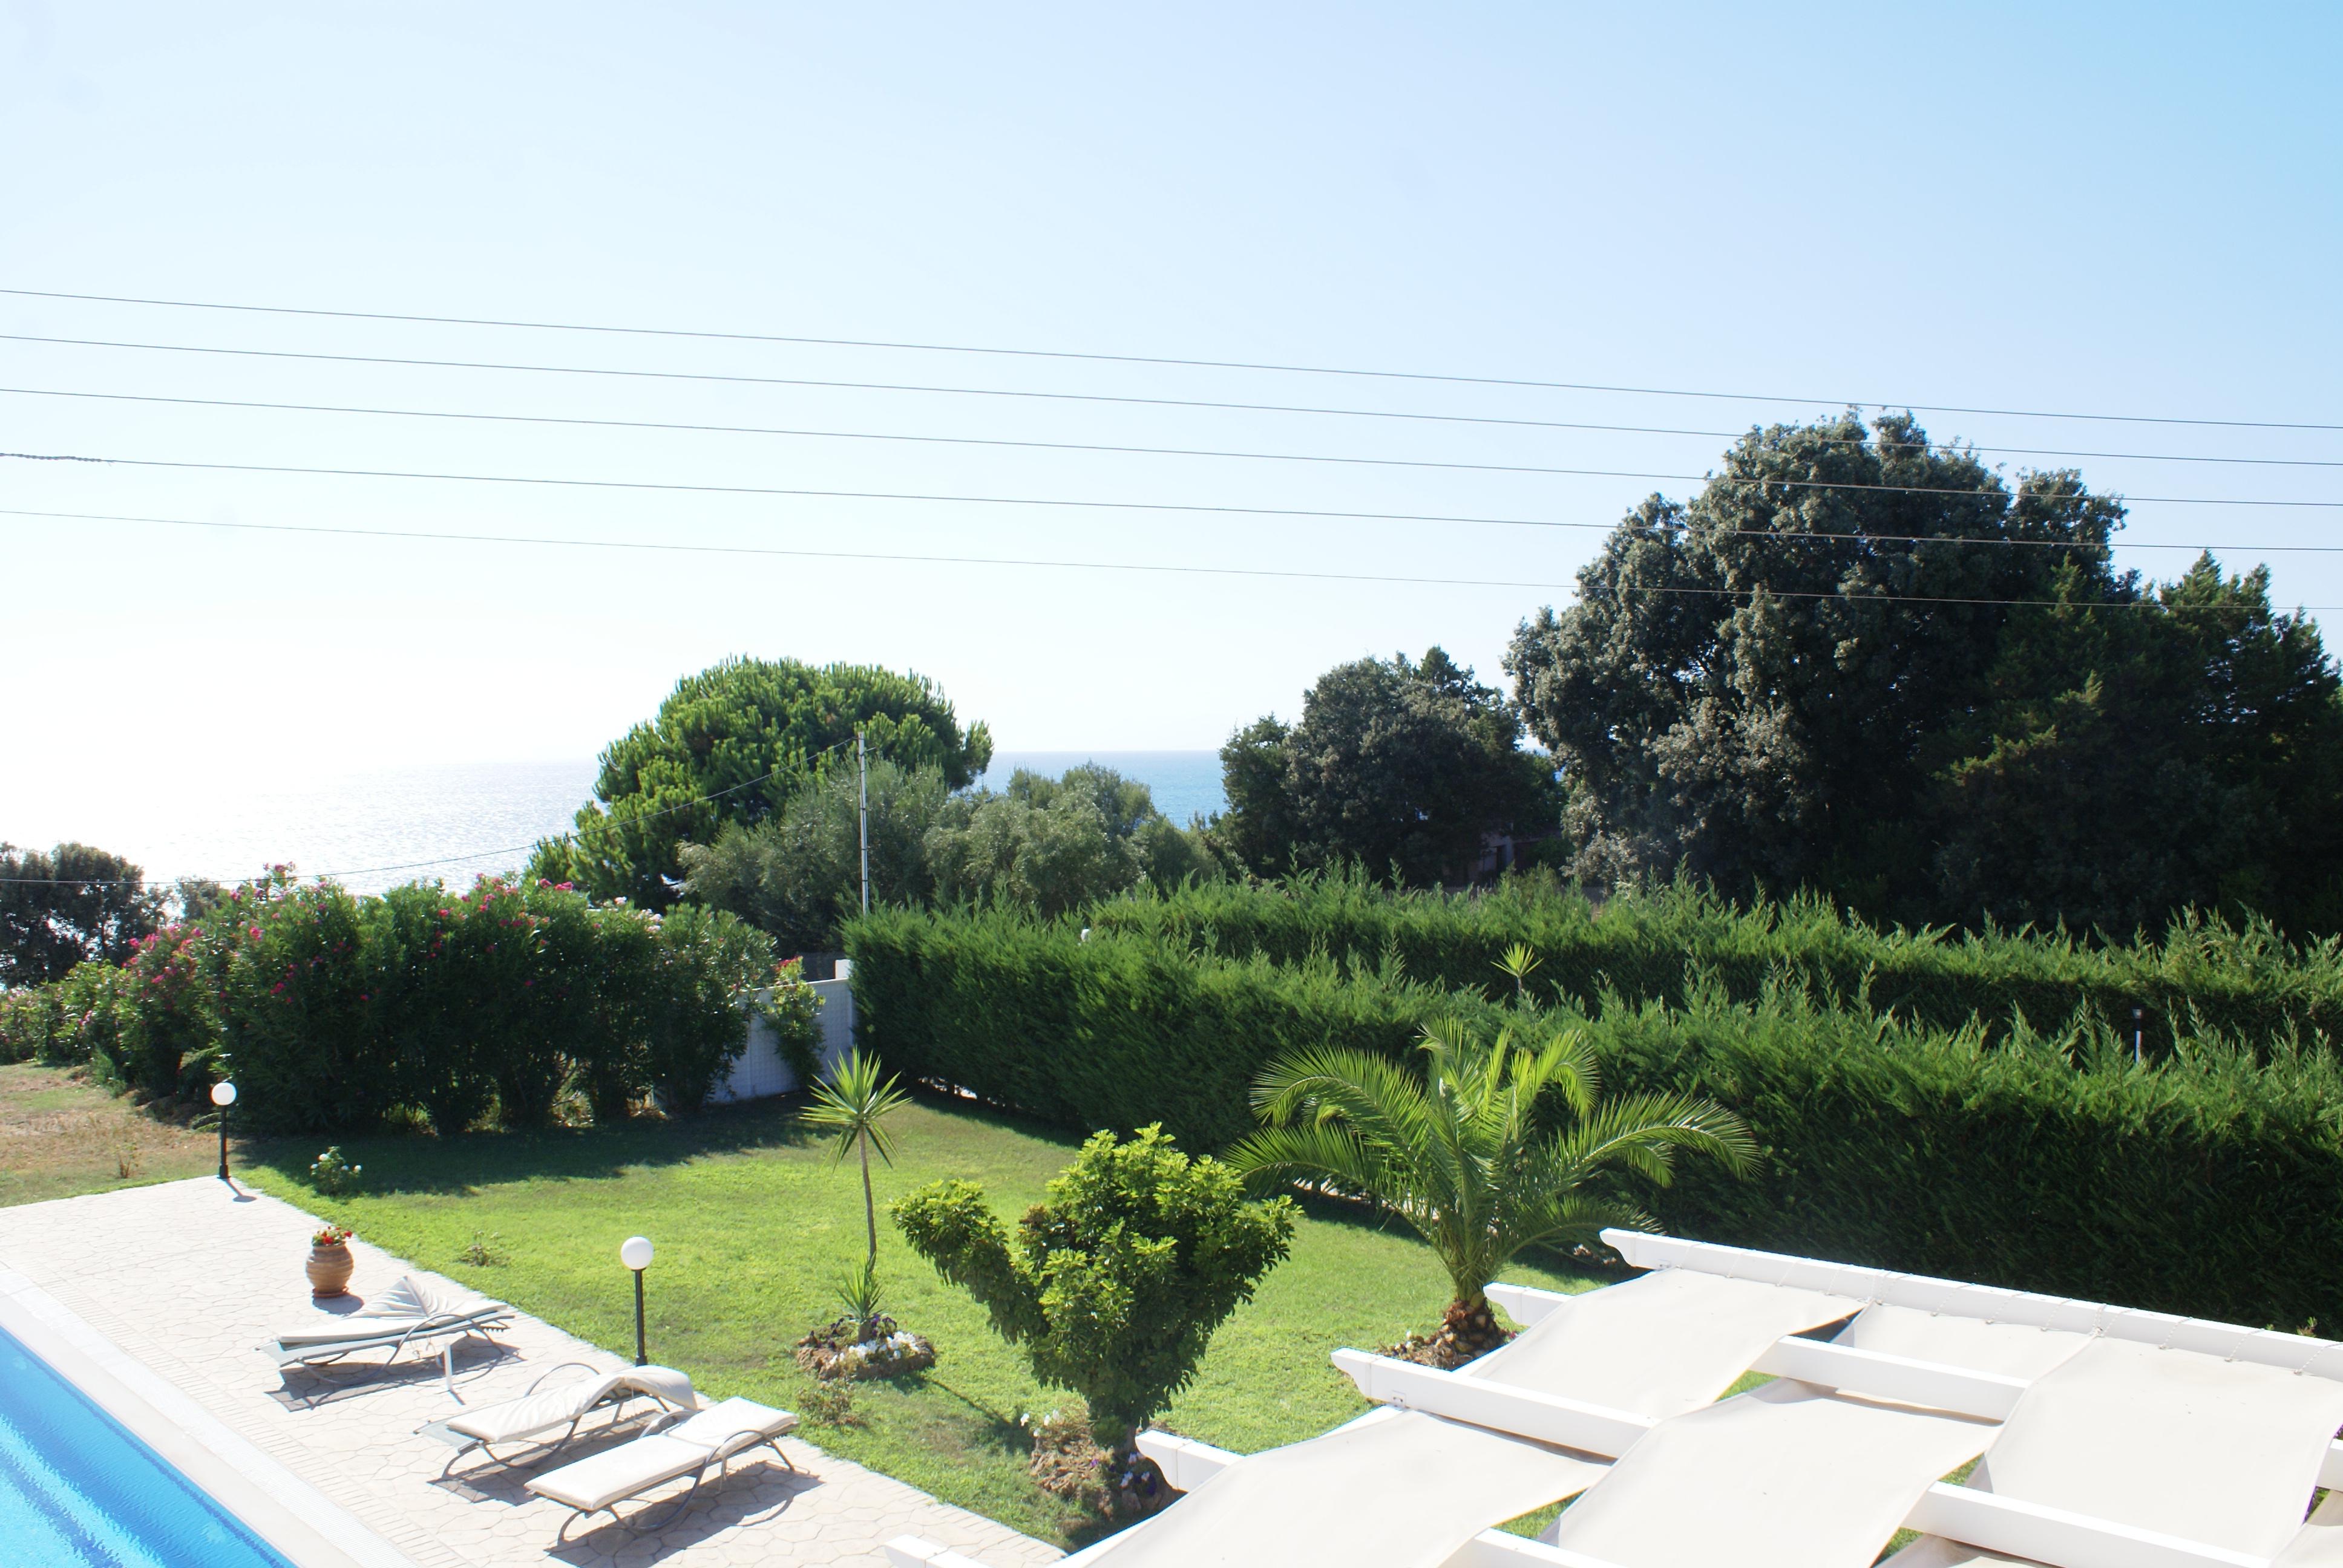 Korfu Luxusvillen Villa Kalypso und Erato, Agios Matheos, Korfu, Griechenland, KorfuCorfu.de